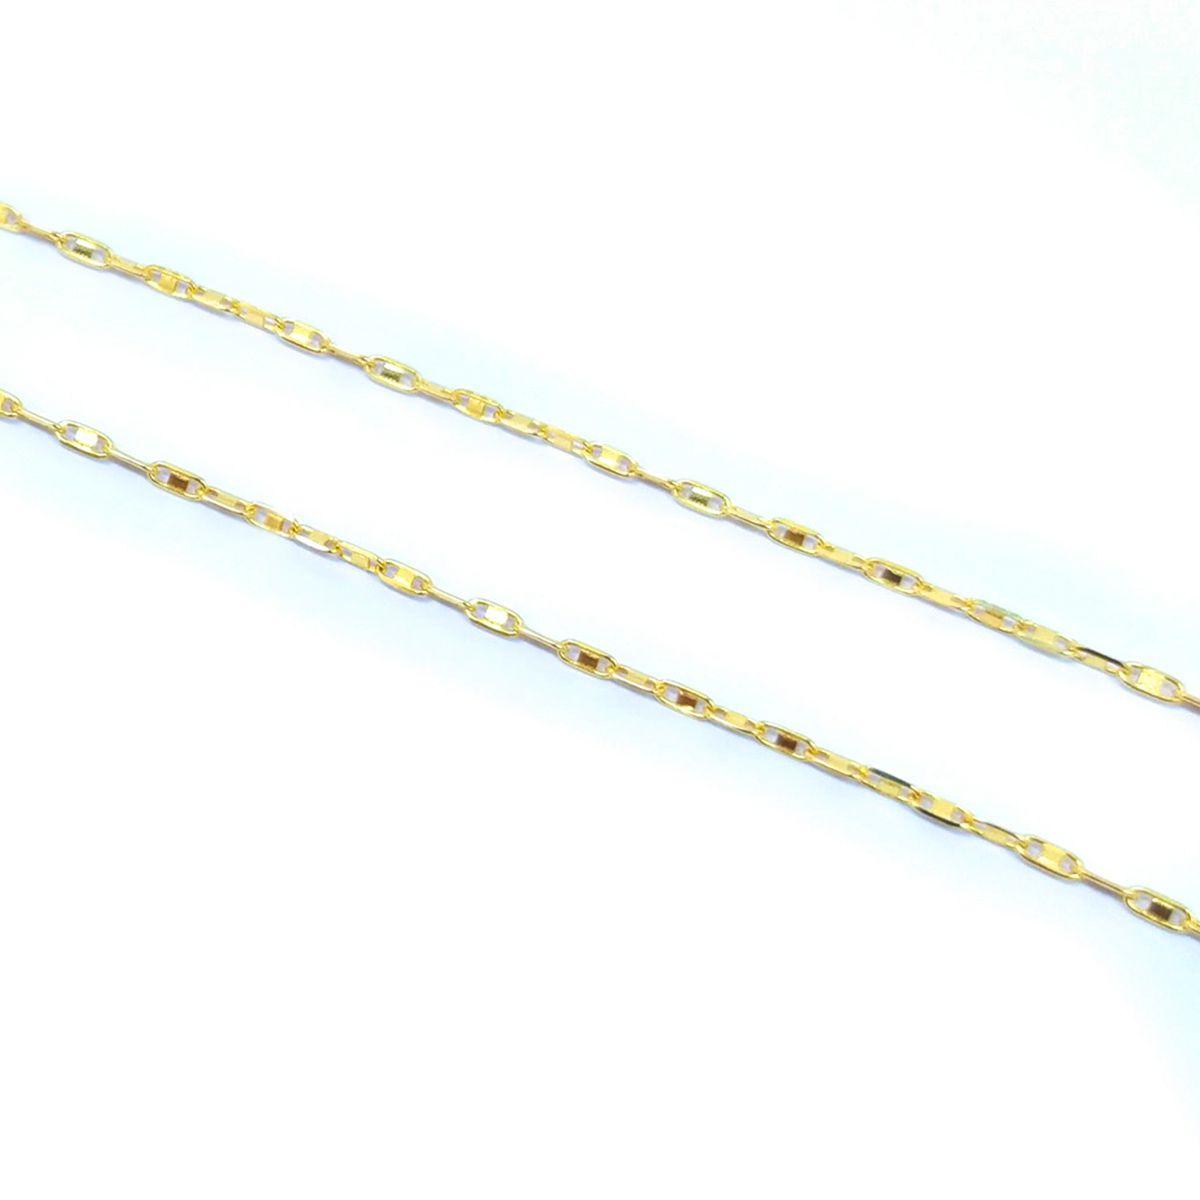 Corrente Piastrine em Ouro 18K - 50cm fina